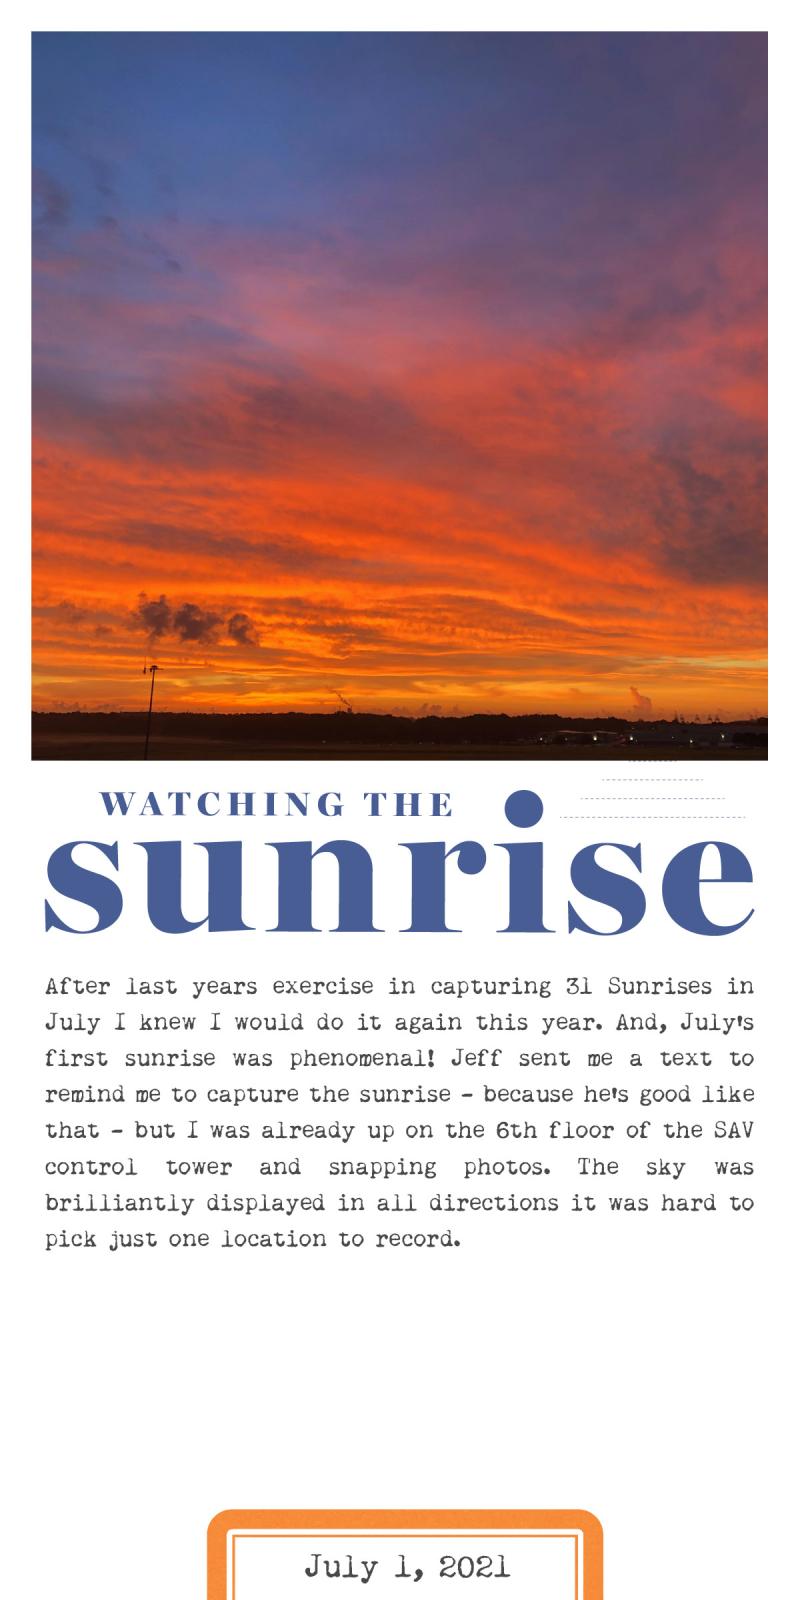 31 Sunrises 1